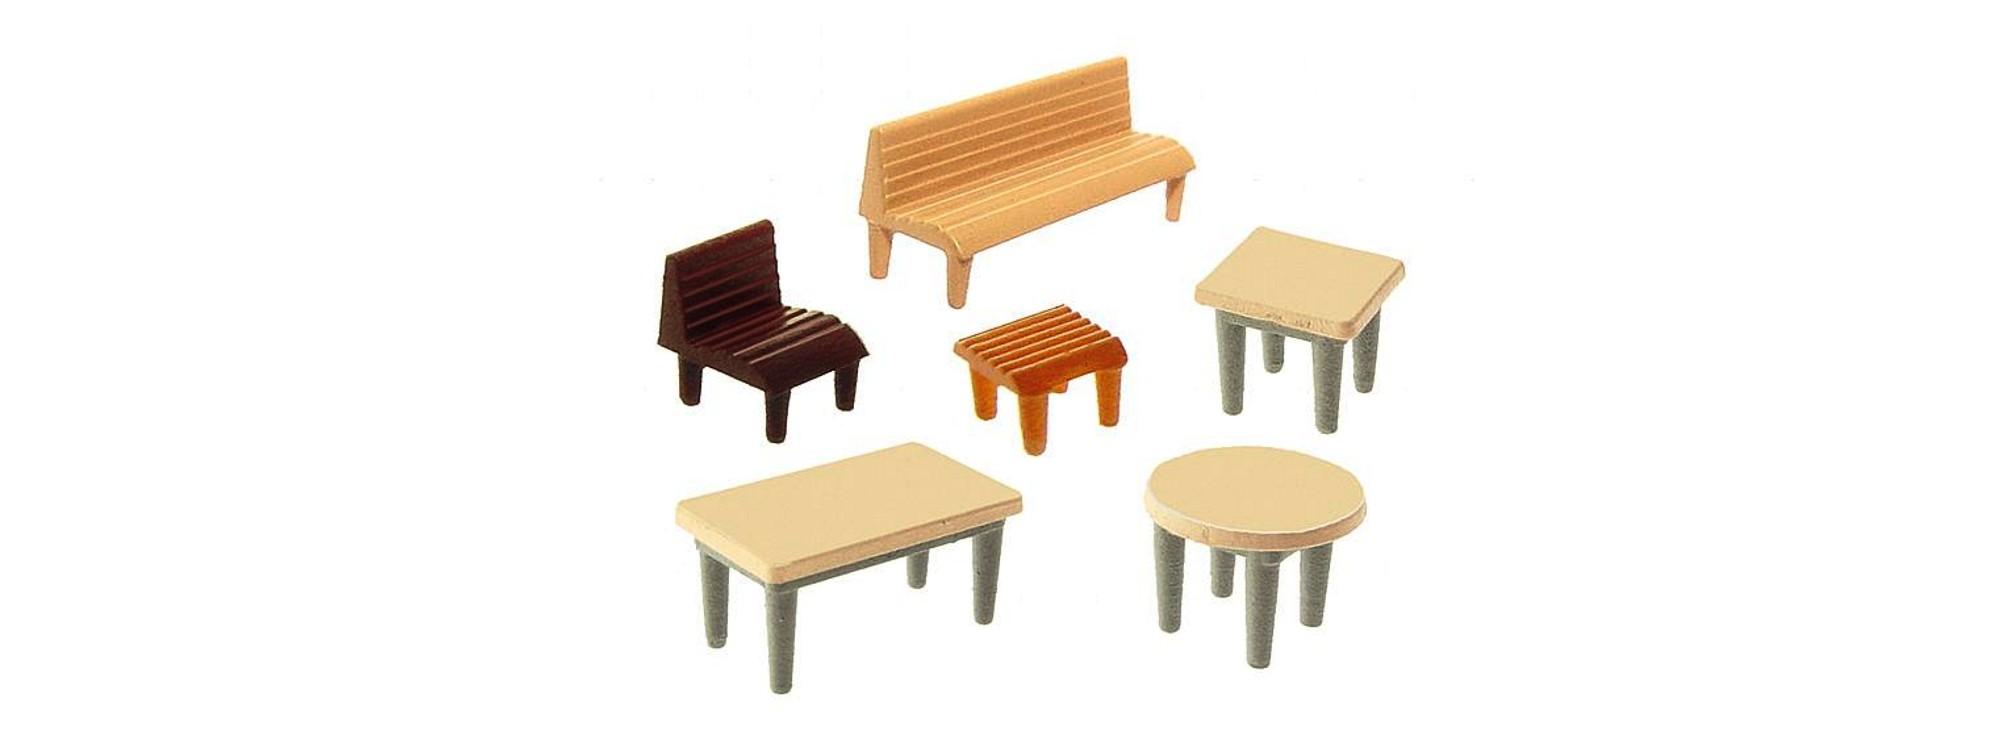 Faller 272440 Tische Stühle Bänke Spur N Online Kaufen Bei